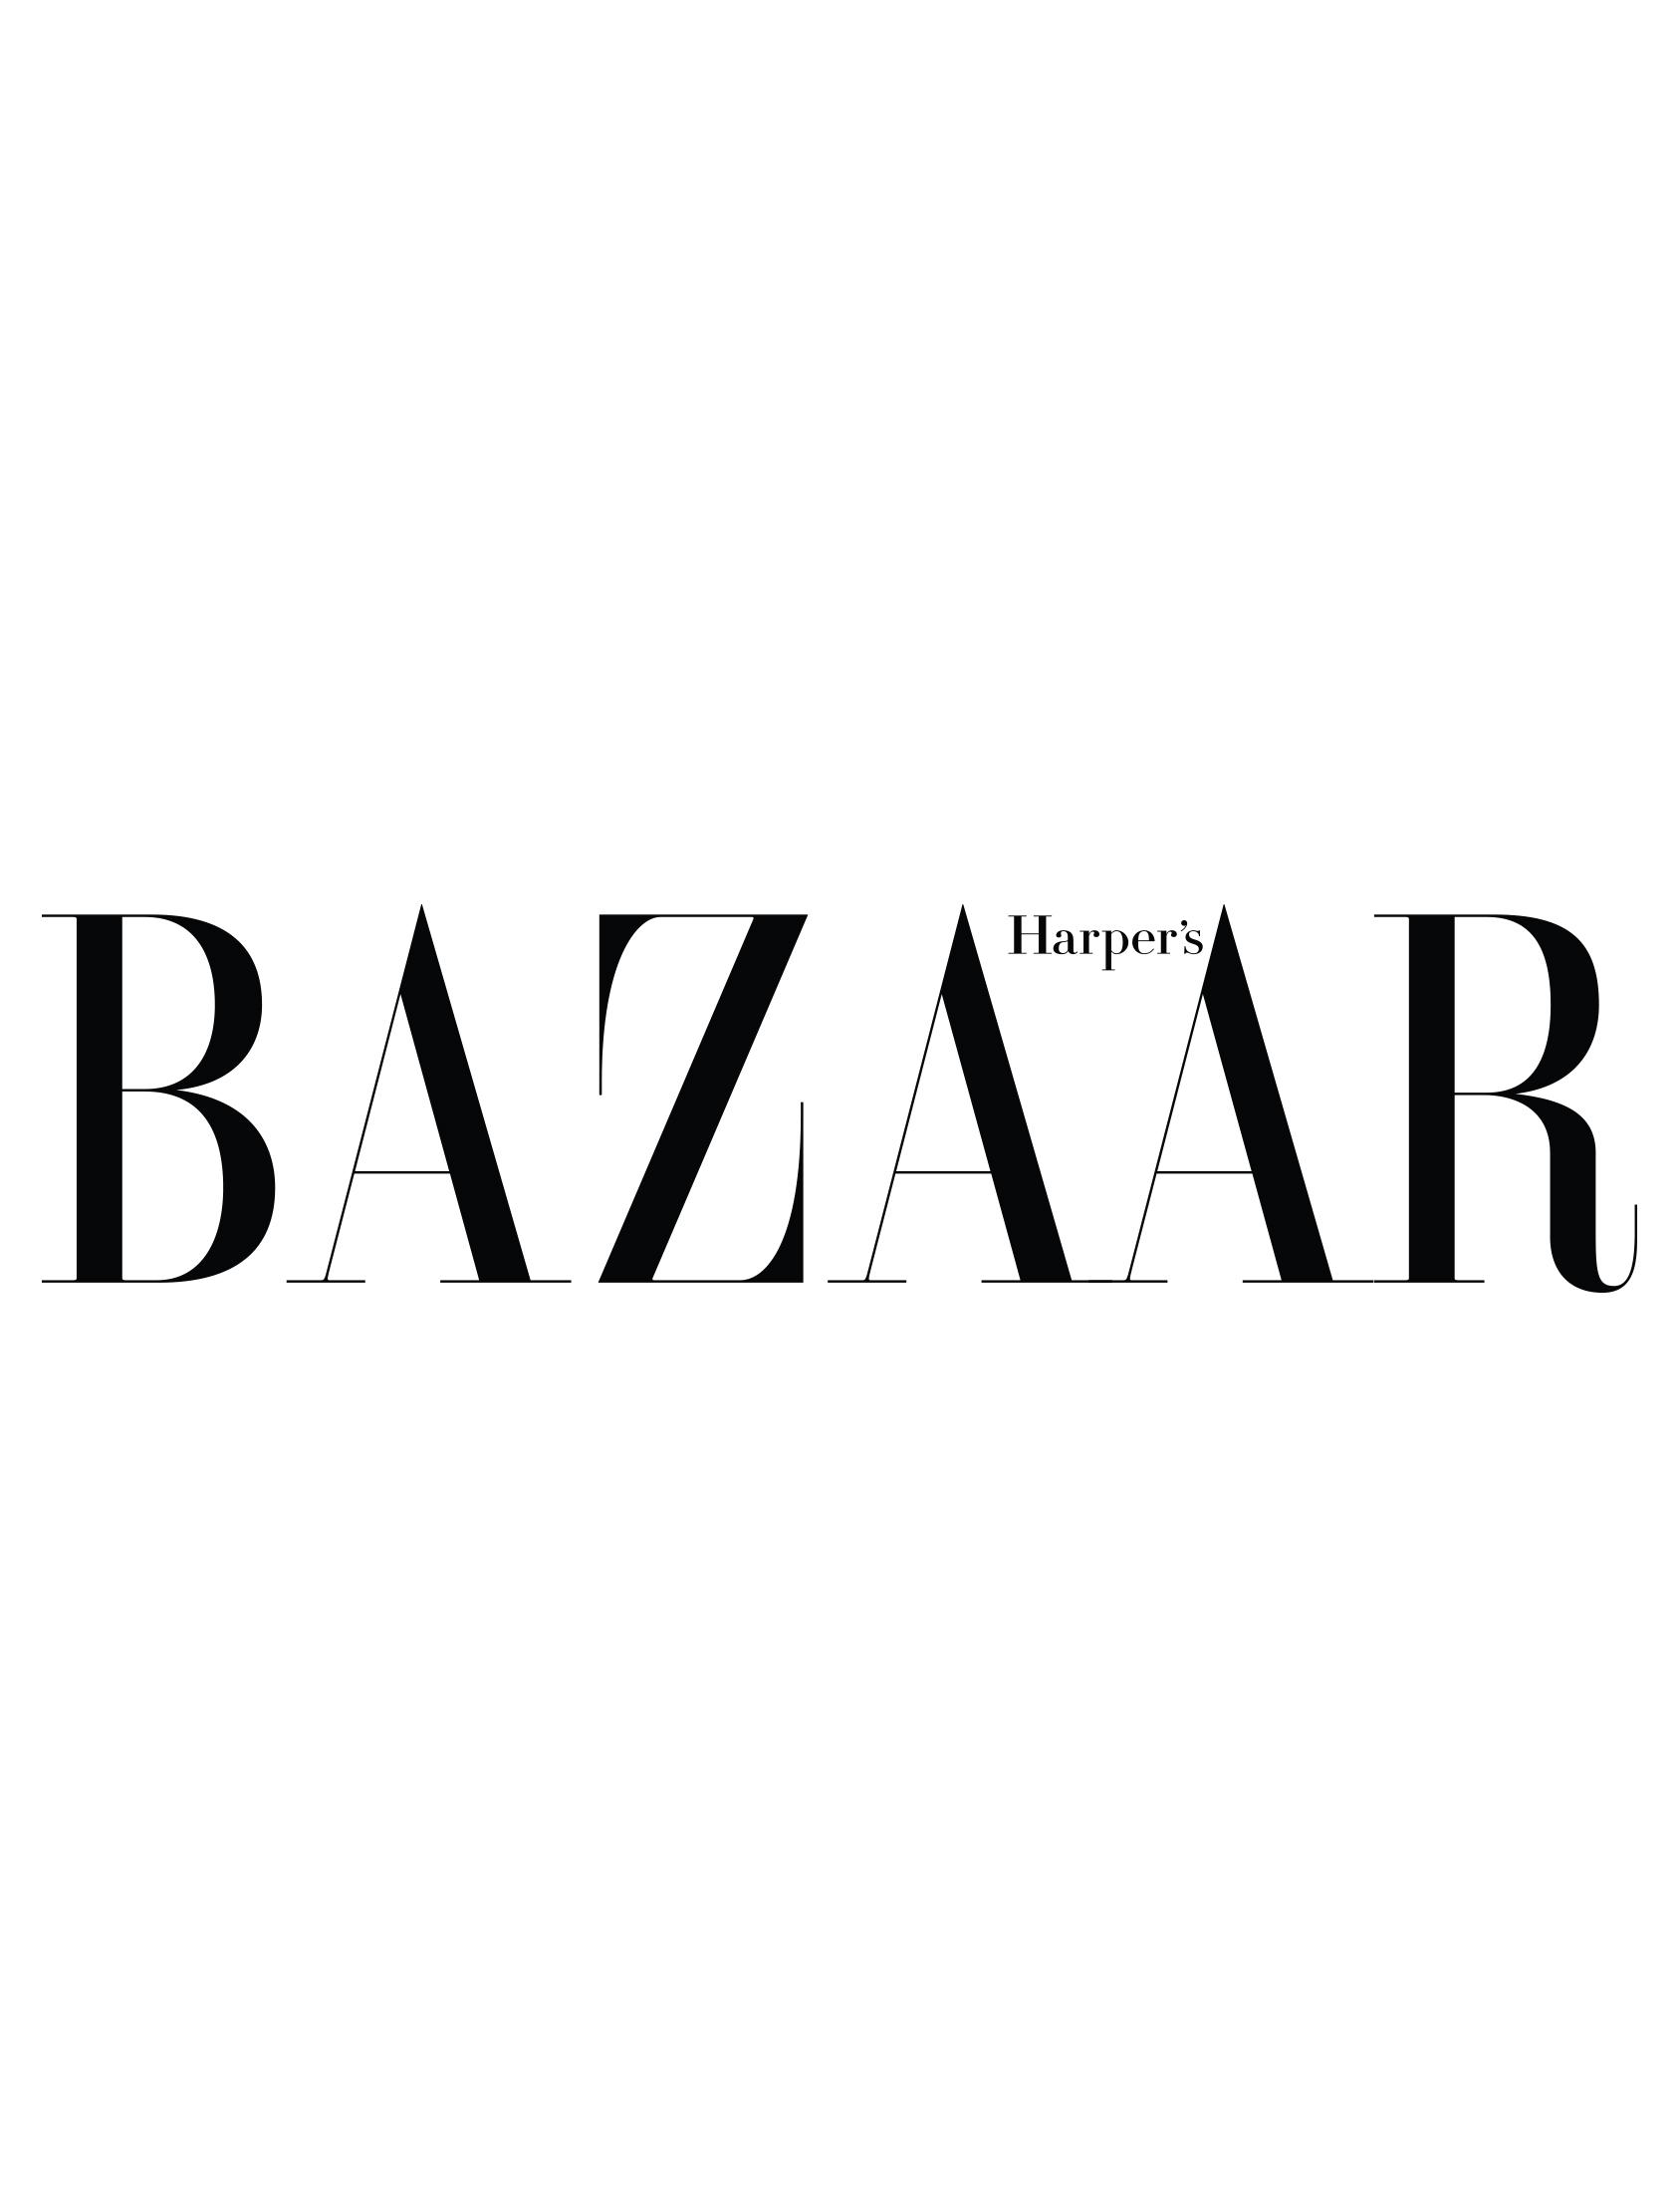 bazaar_plate_black.jpg